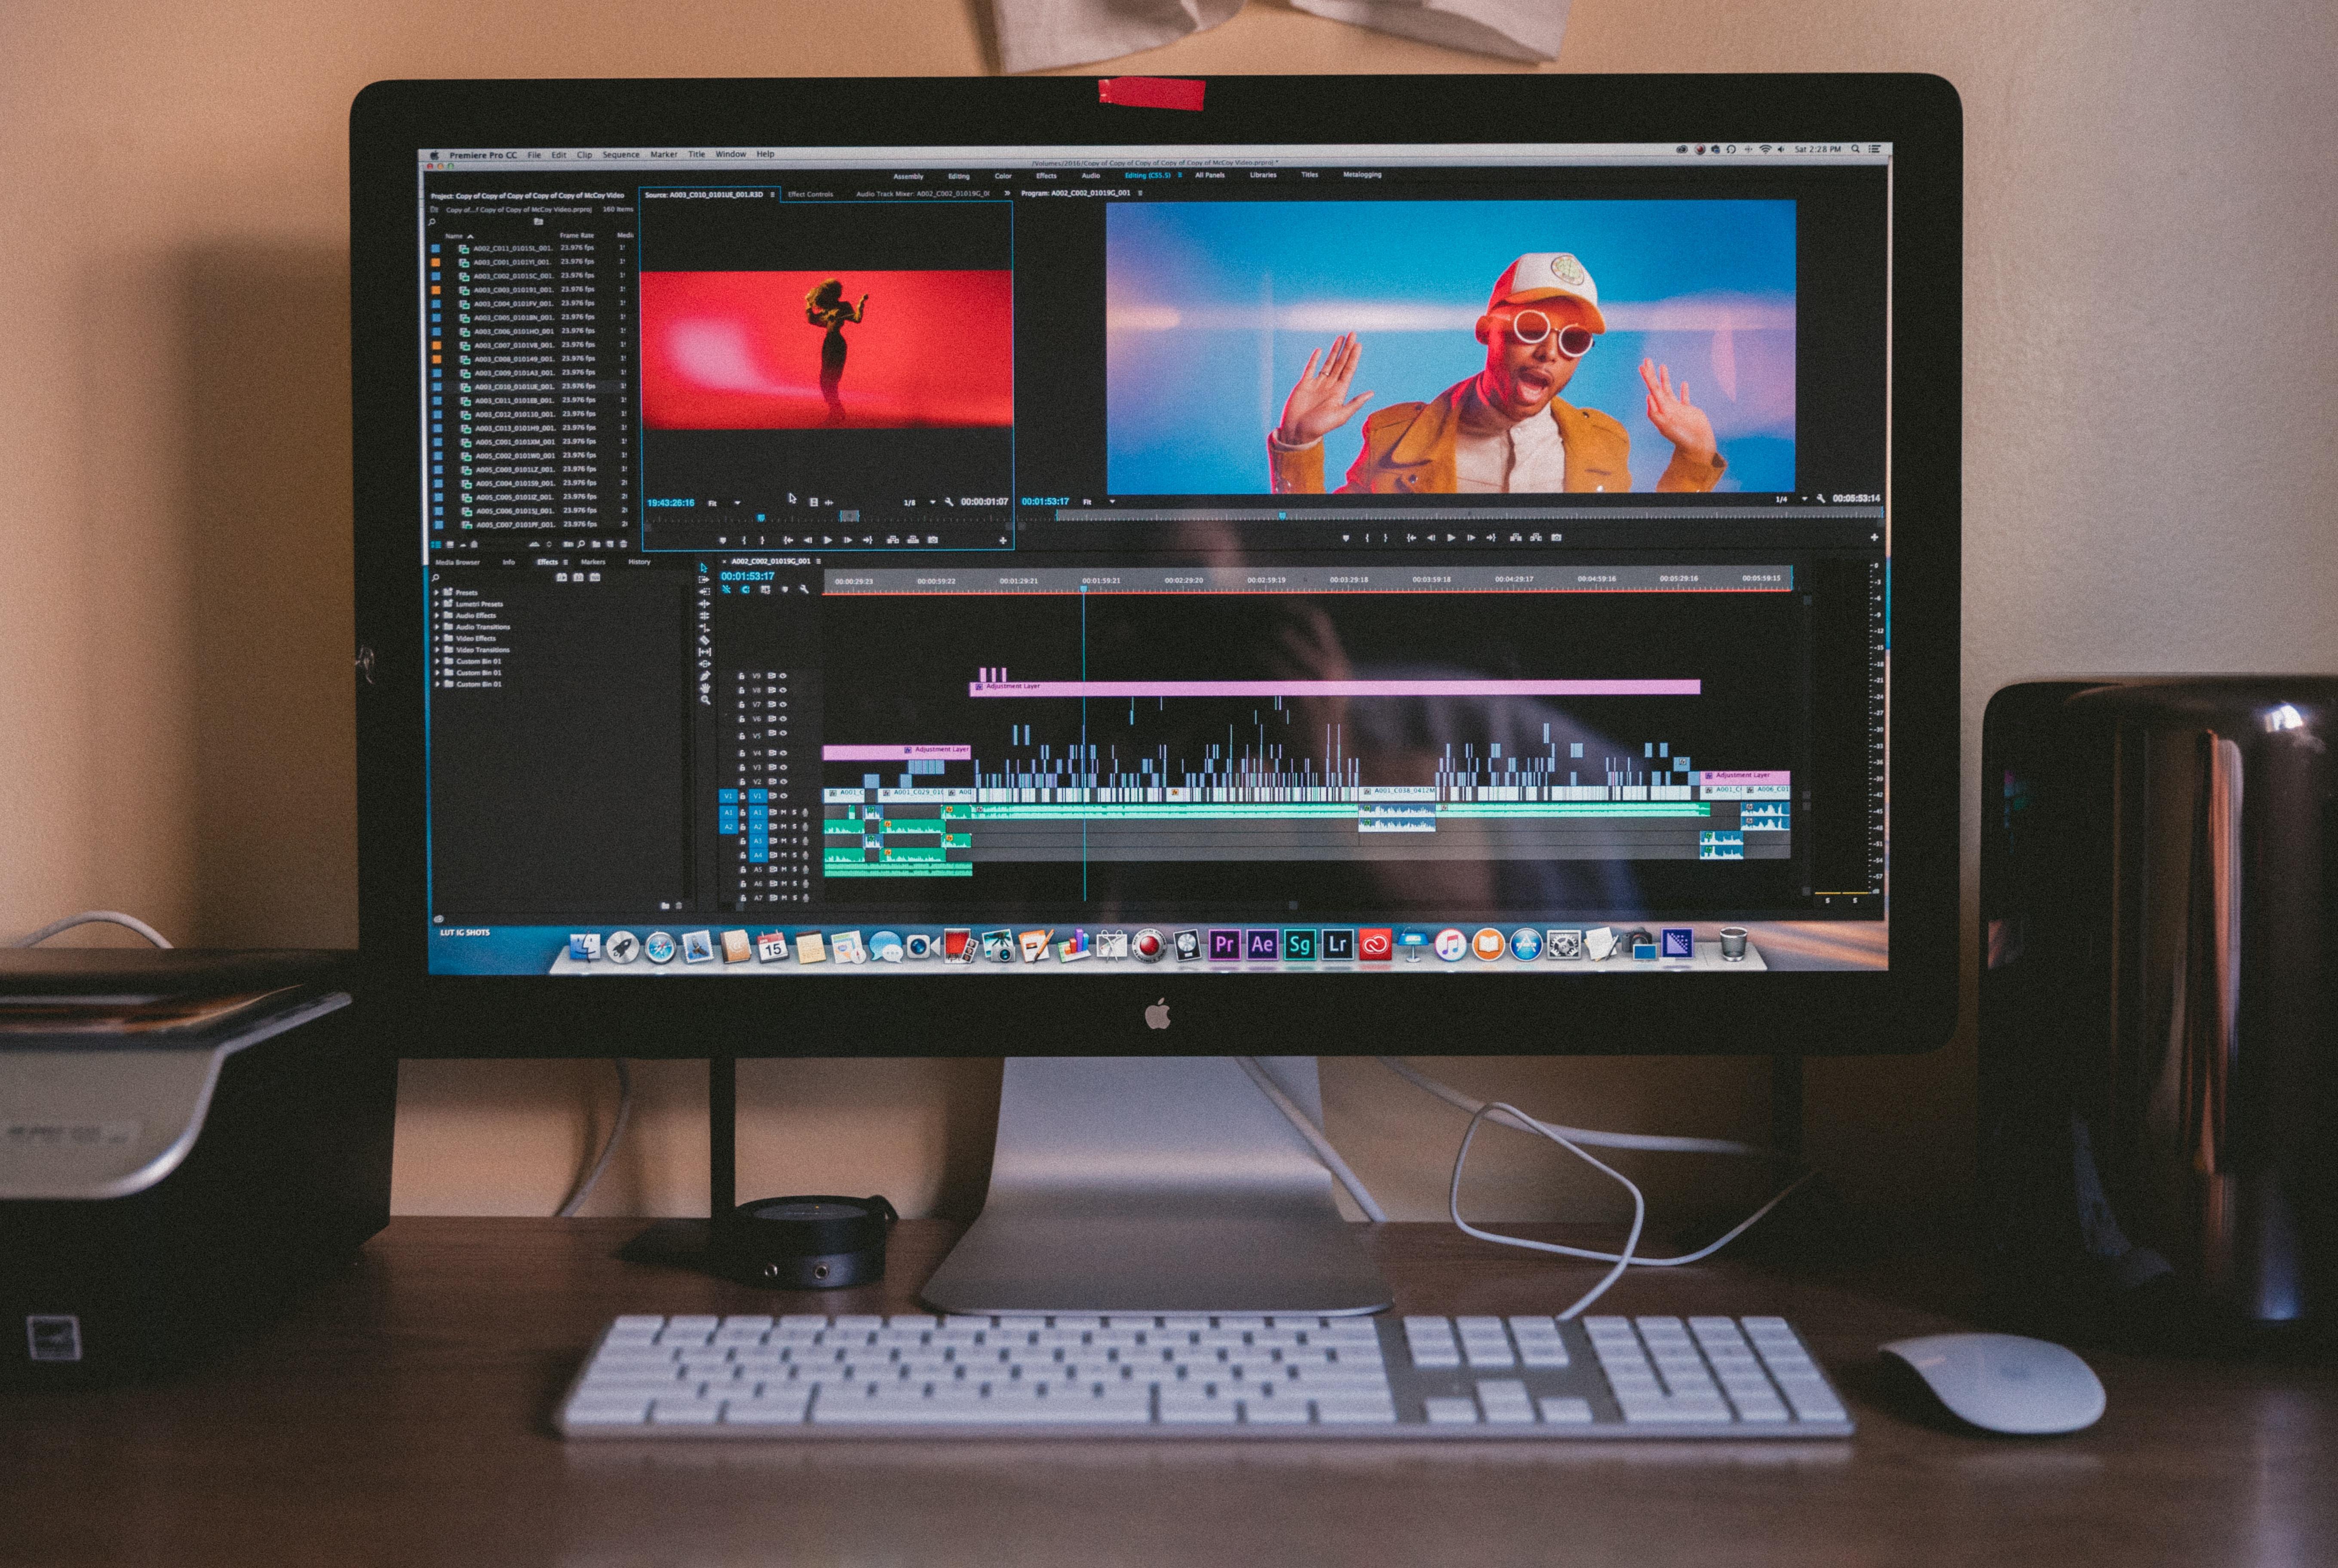 Como escolher um software de edição video  - jakob owens mQxttWjHFjA unsplash - Como escolher um software de edição video